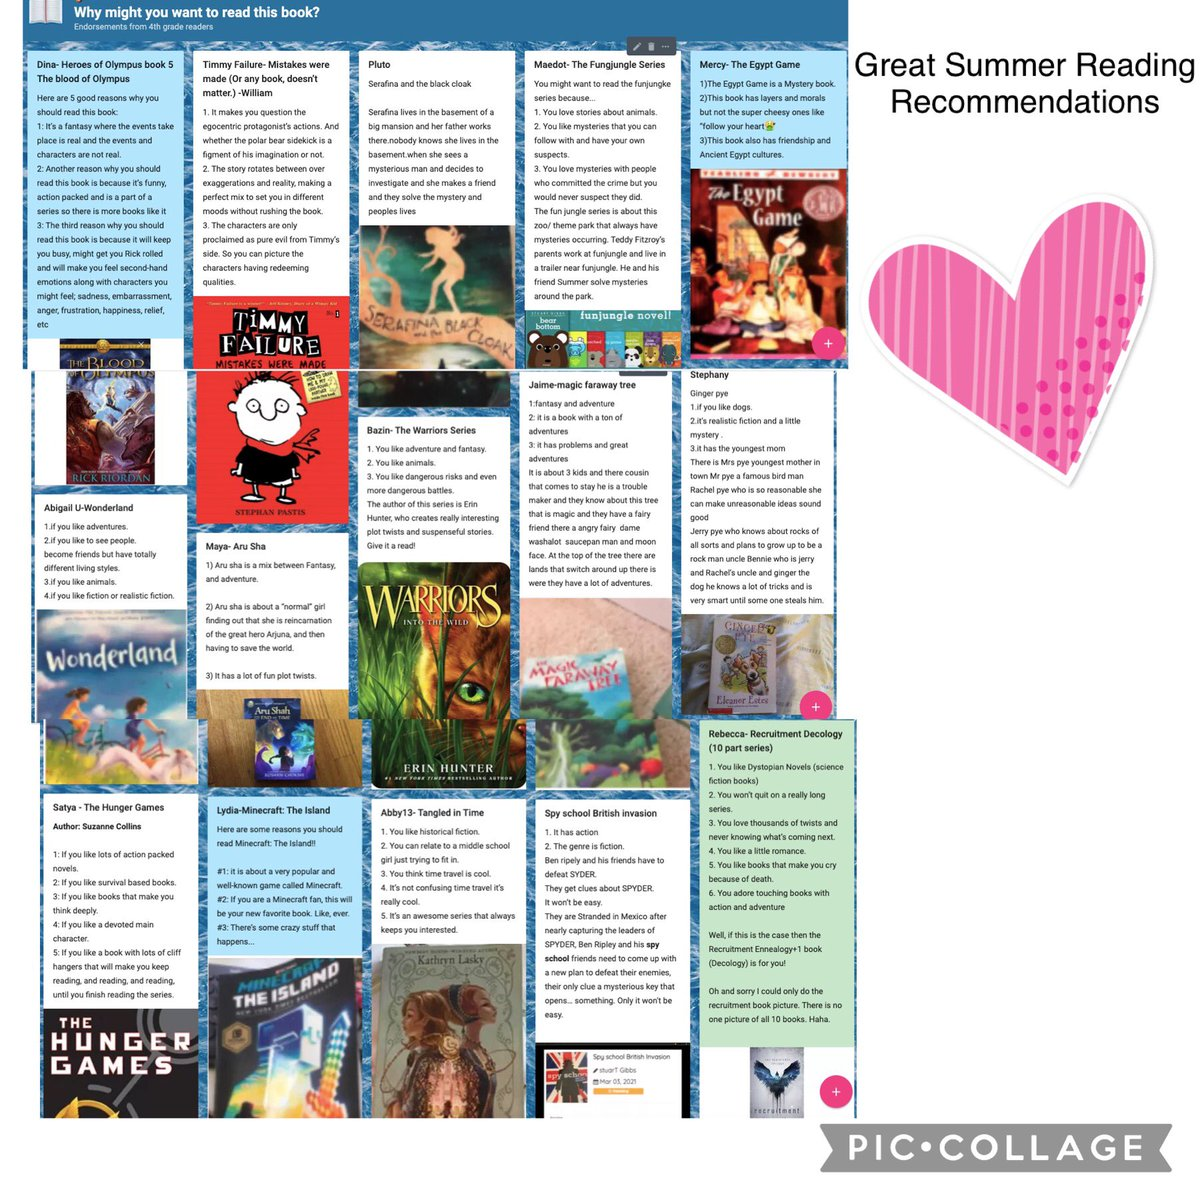 أعرف ما أريد أن أقرأه هذا الصيف بعد لقائي مع طلاب الصف الرابعAPS'> @ كامبلAPSالذين شاركوا كتابًا رائعًا قرأوه هذا العام ووضعوا أهدافًا للقراءة في الصيف.APSمحو الأمية '> @APSمعرفة القراءة والكتابةAPSموهوبون> @APSرعاية الموهوبين @ OConnor4_5 MsRoseTweets mskleif bibliobunny https://t.co/4IEidAObp